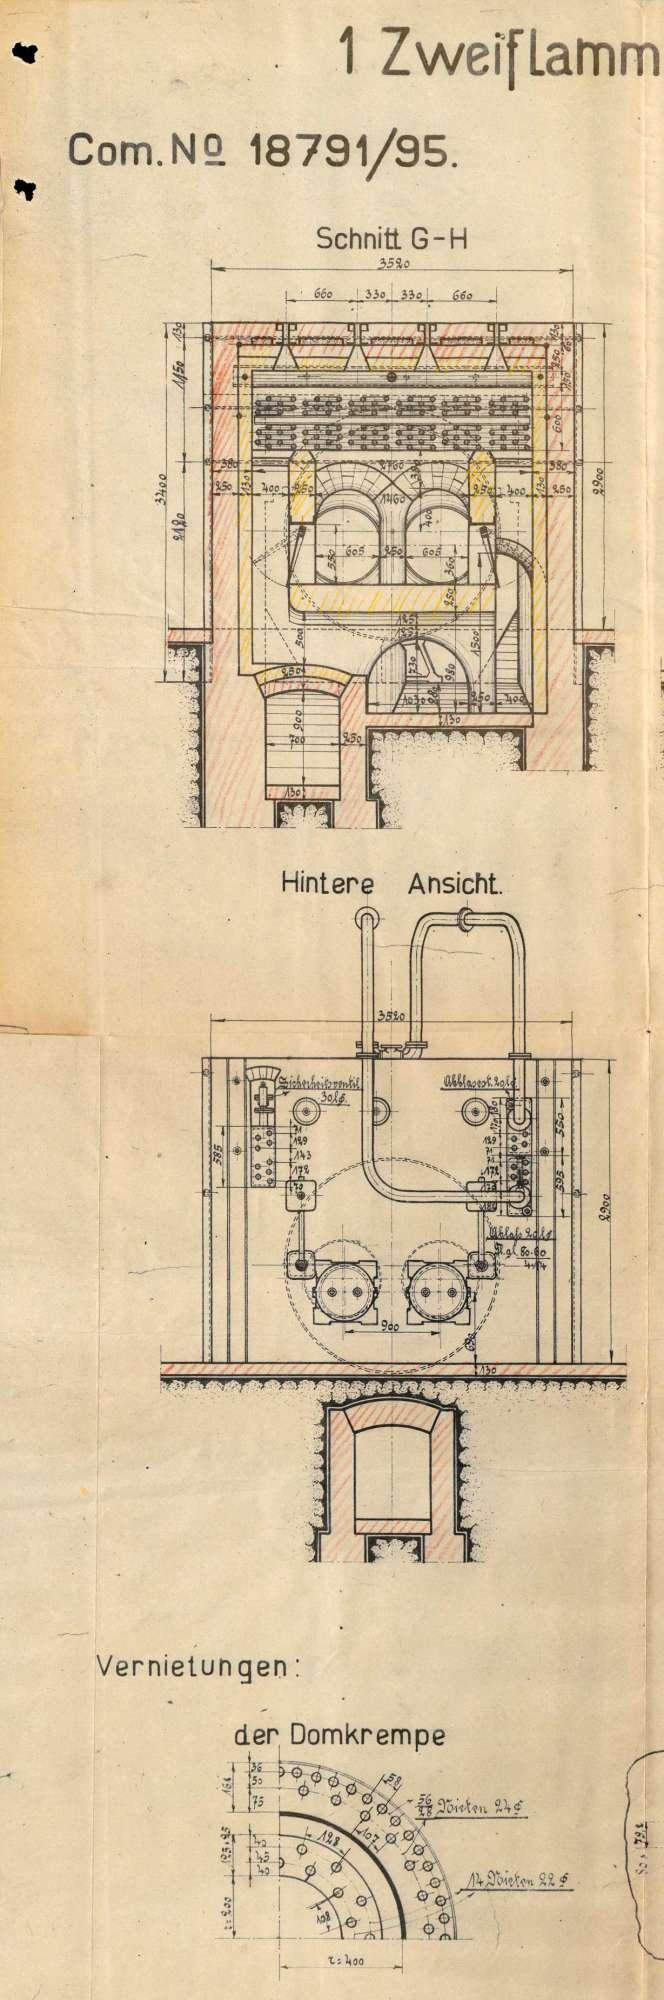 Gesuch der Papierfabrik Thurneisen in Maulburg um Erlaubnis zur Anlegung bzw. Veränderung eines Dampfkessels; Verkauf des Kessels, Bild 3